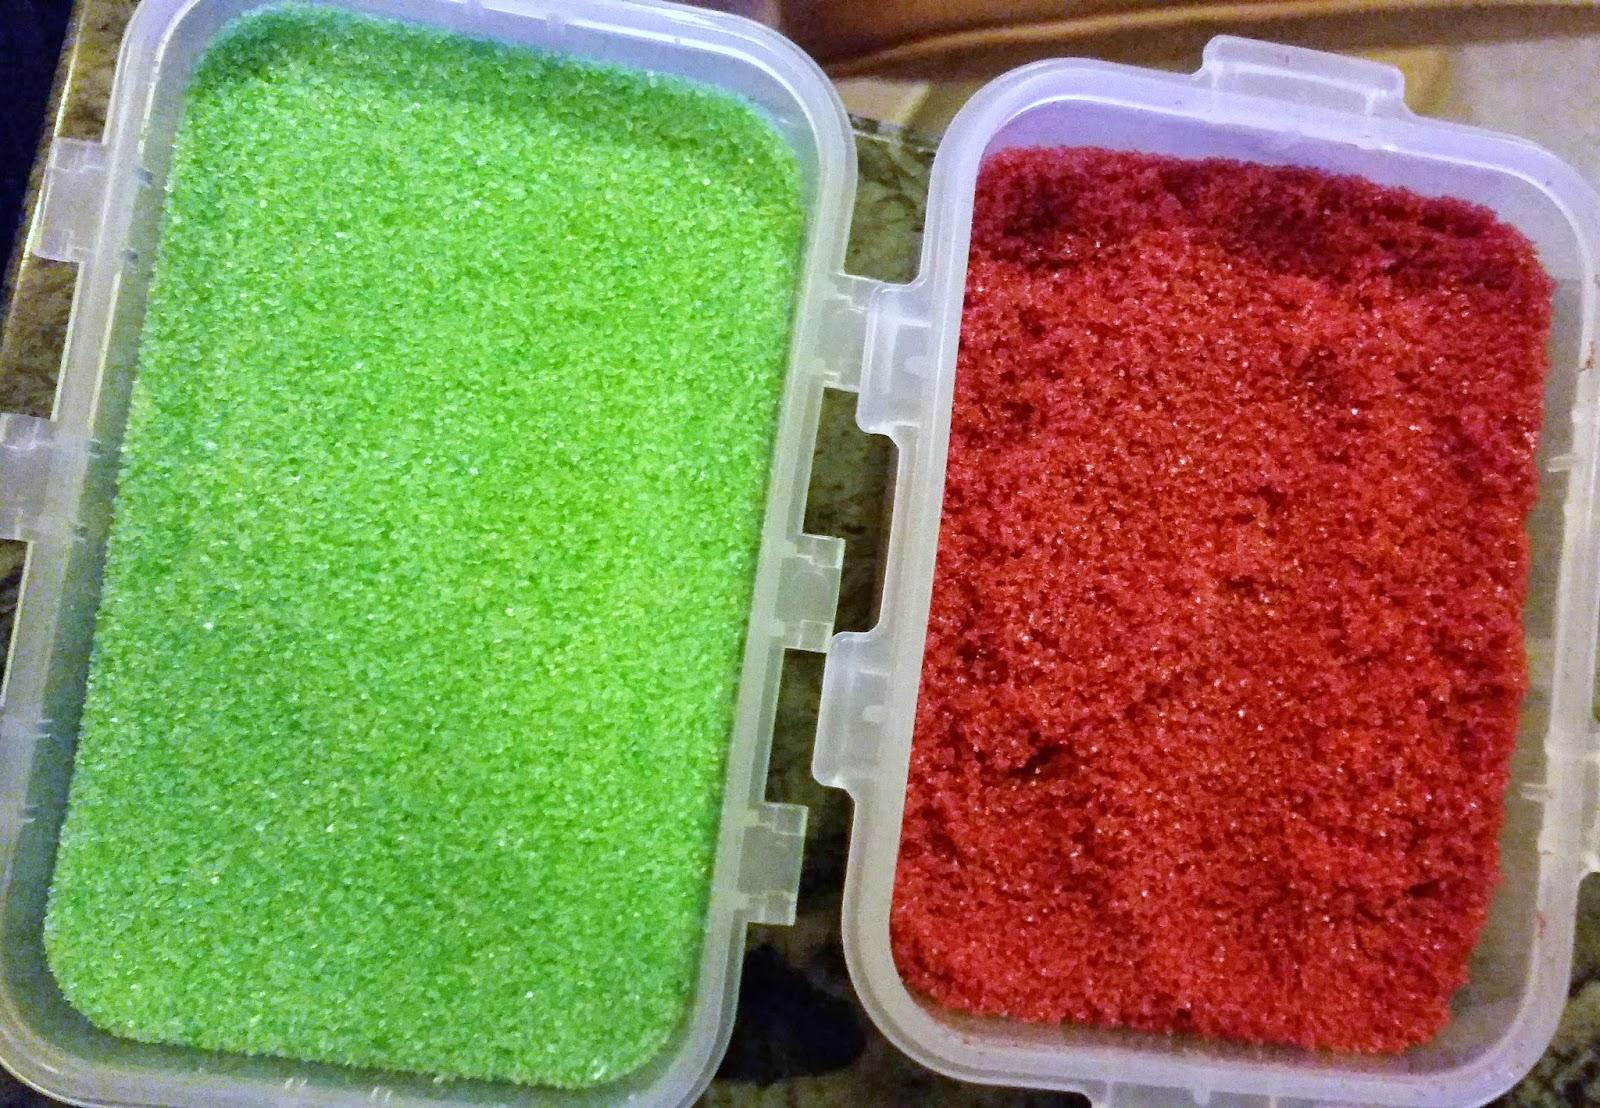 Sandy\'s Kitchendreams: Zucker färben